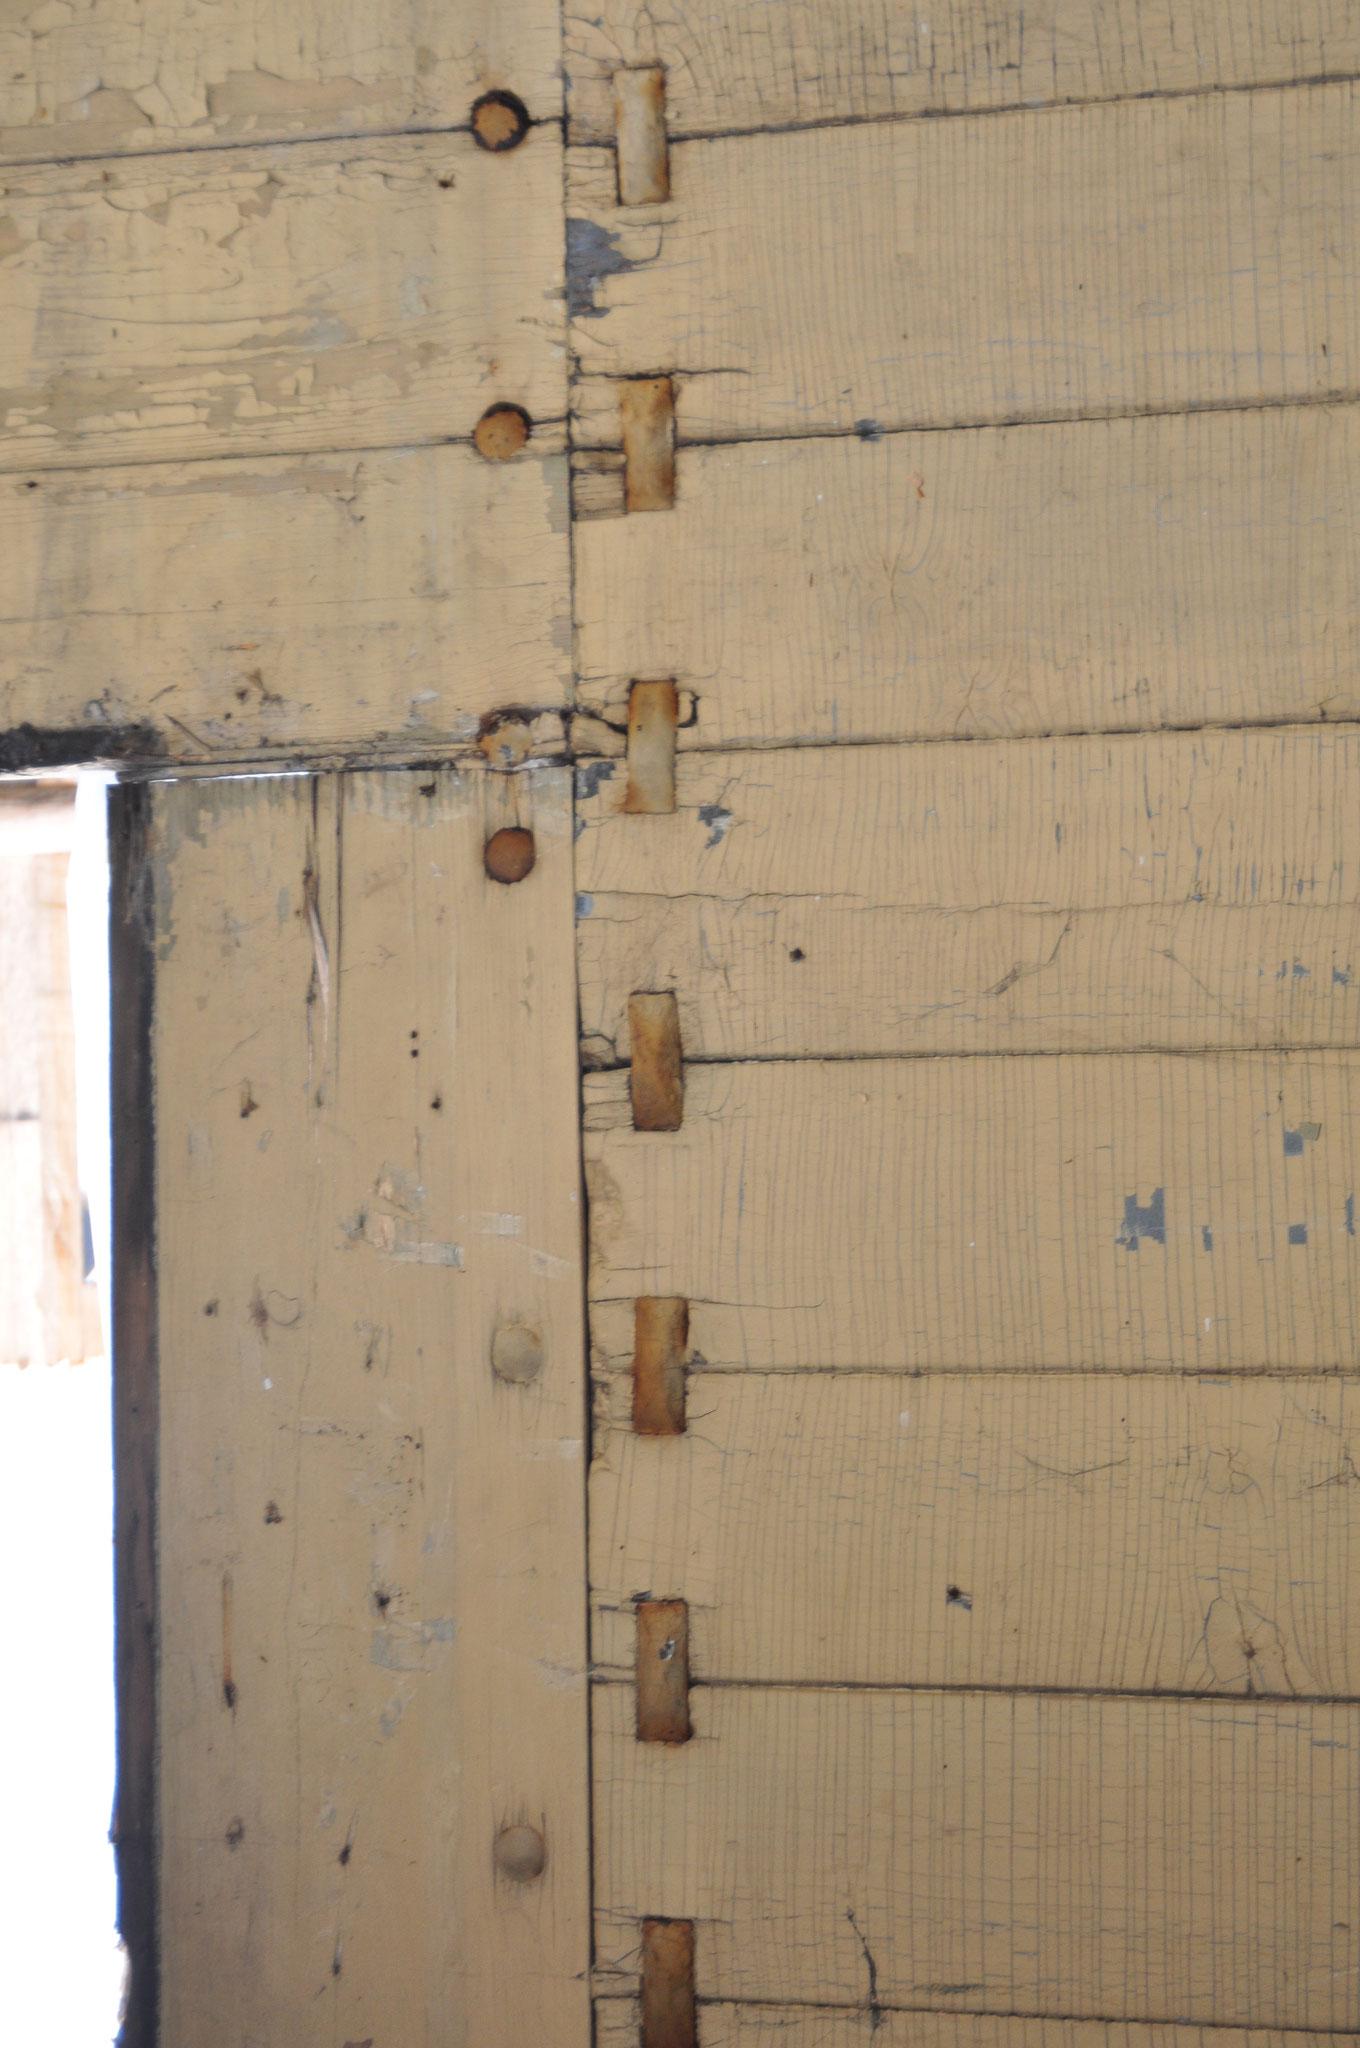 Detail: Klammerkopf- Schrauben halten immer 2 Bretter gemeinsam